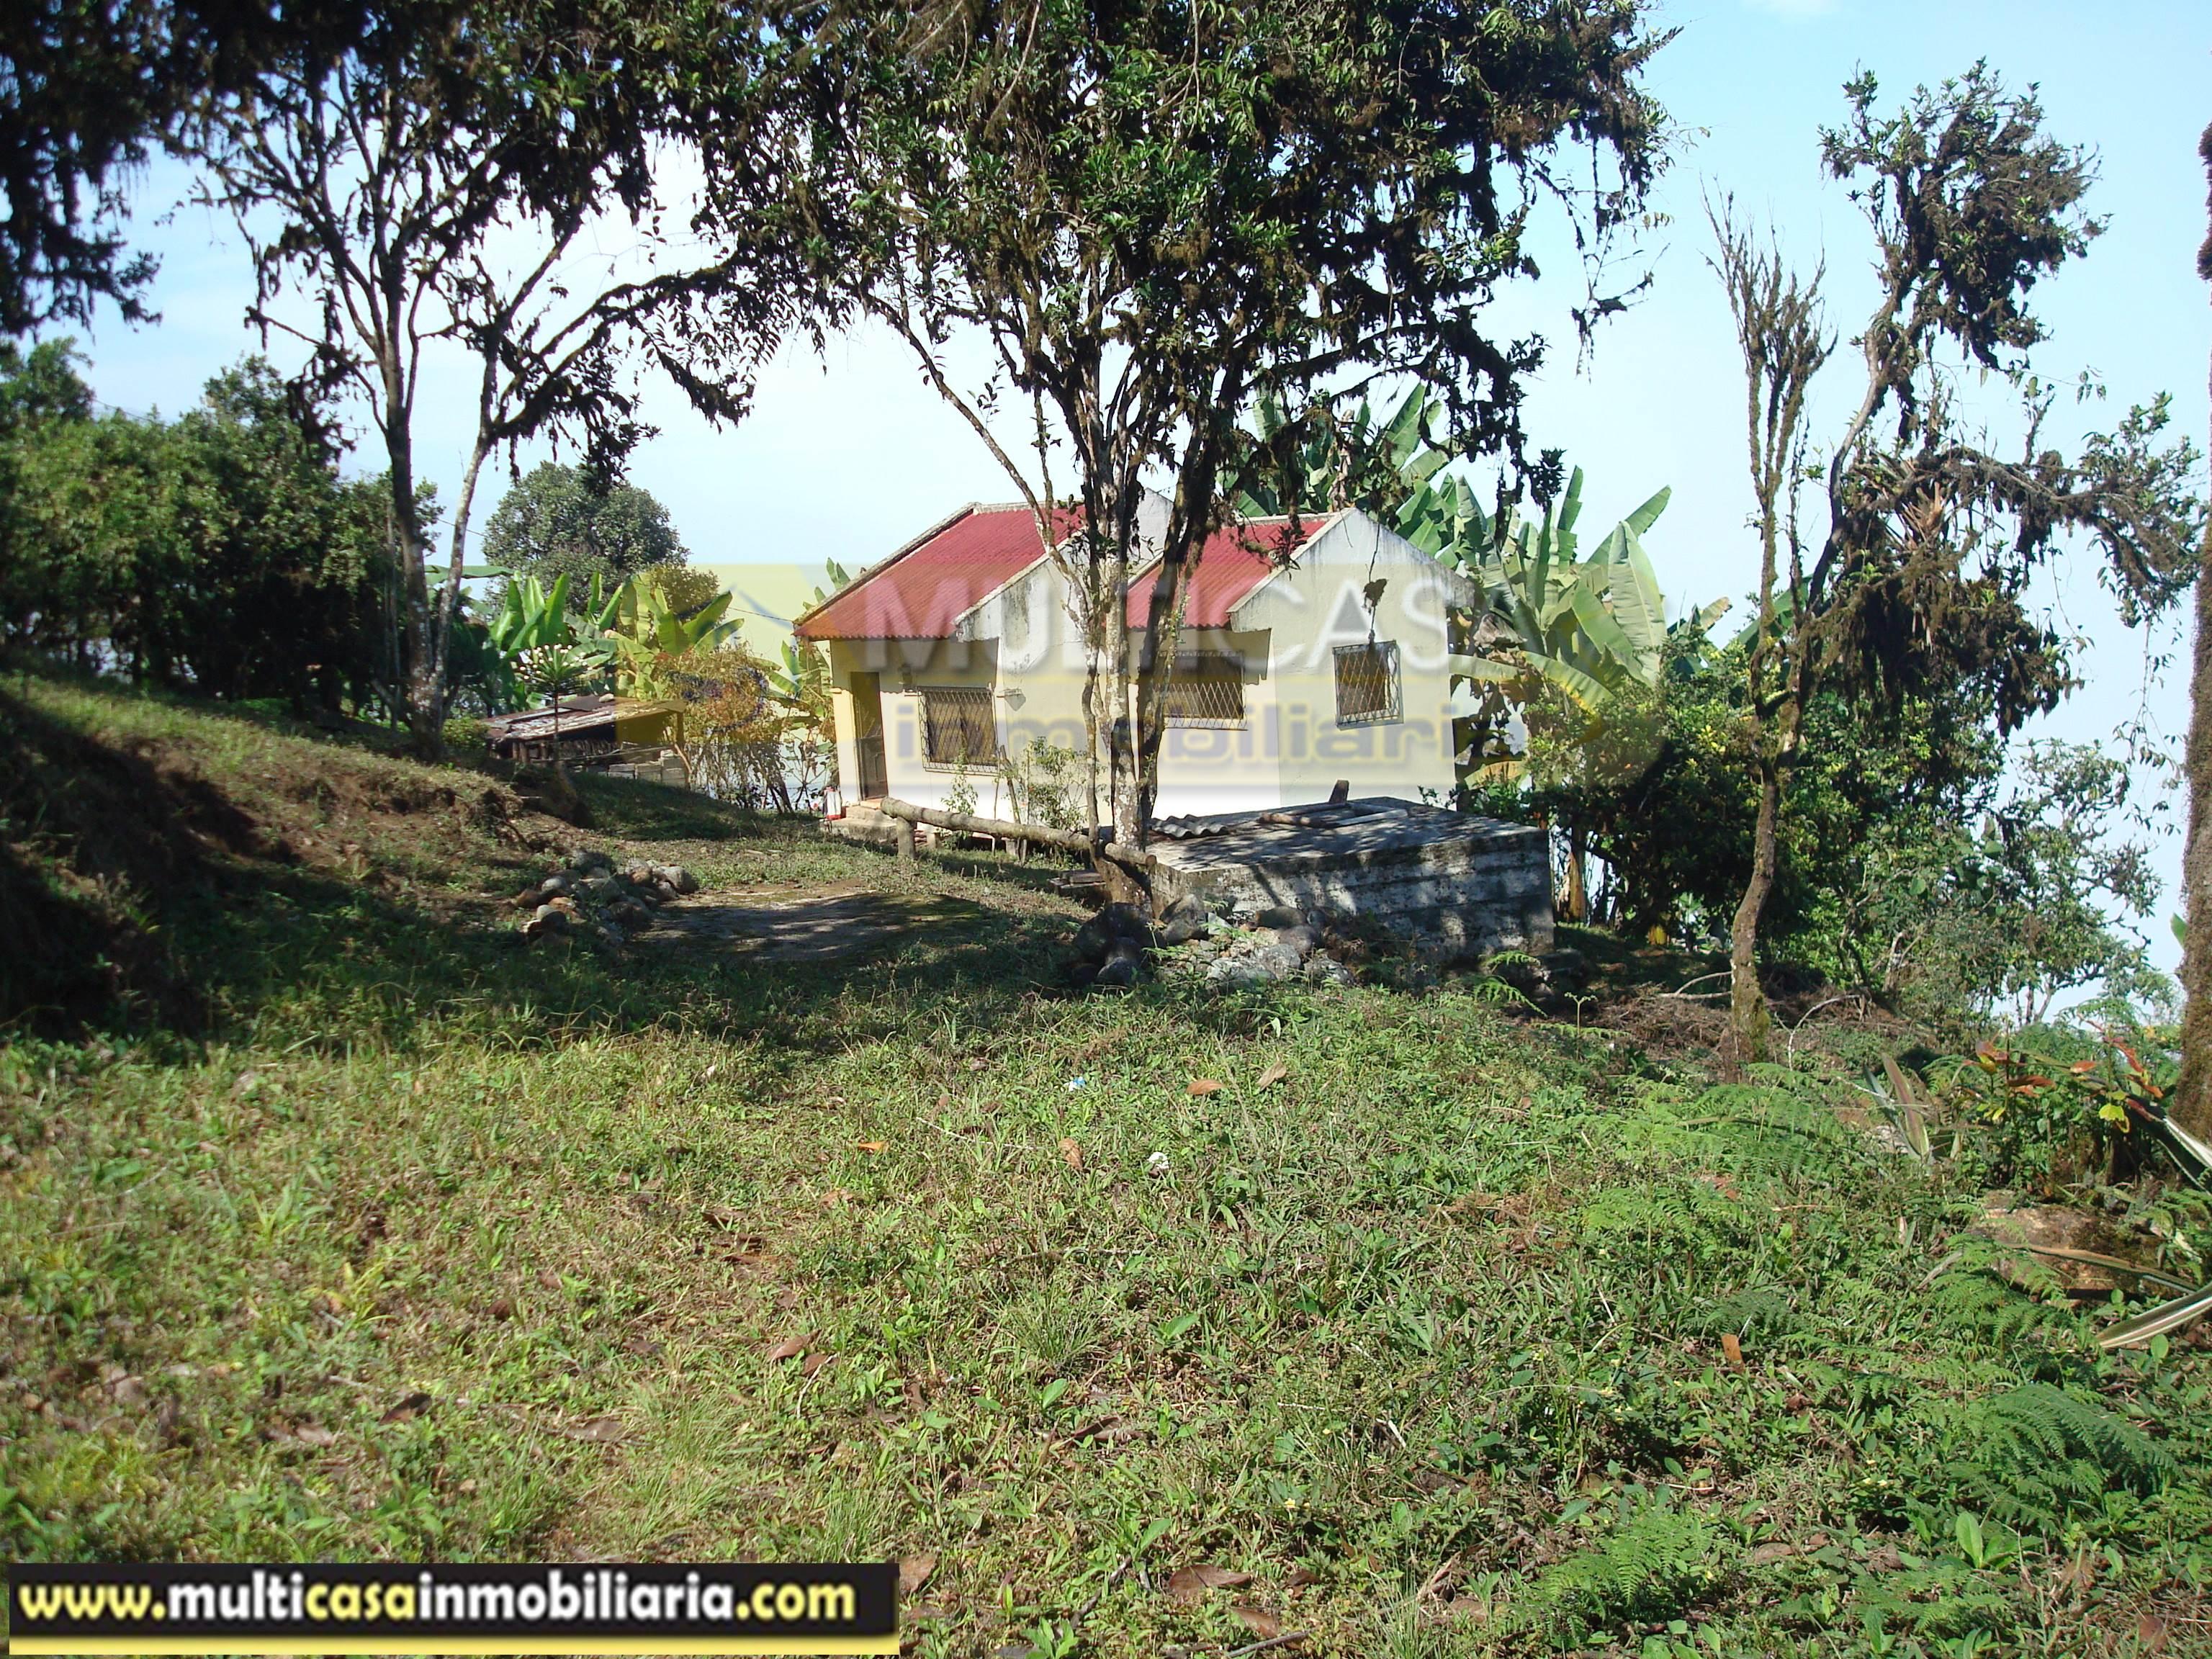 Venta de Hermosa Hacienda a crédito sector Molleturo-Vía Guayaquil Cuenca-Ecuador <br><br>